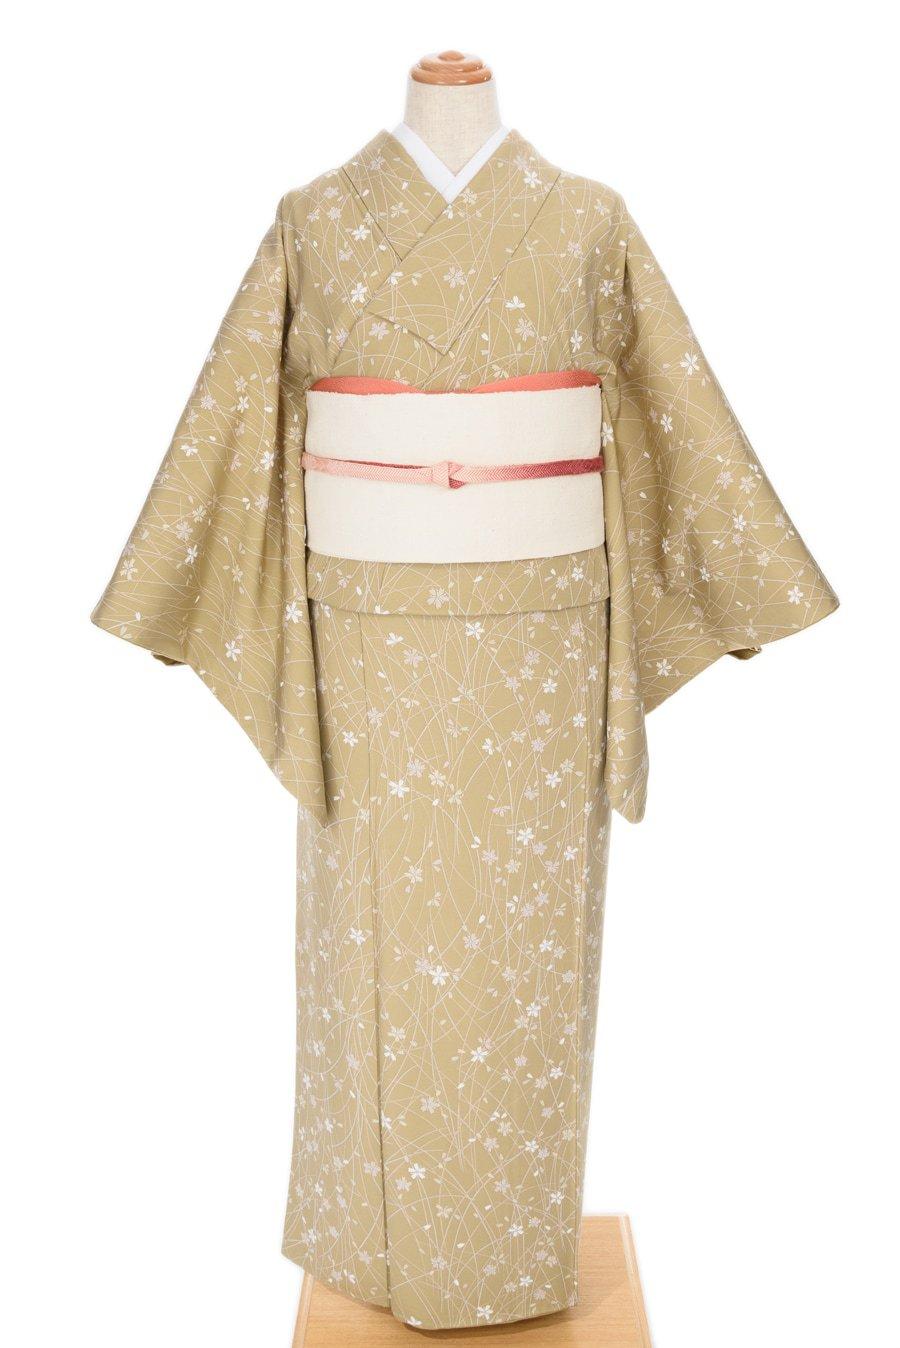 「白と薄桃の小桜」の商品画像